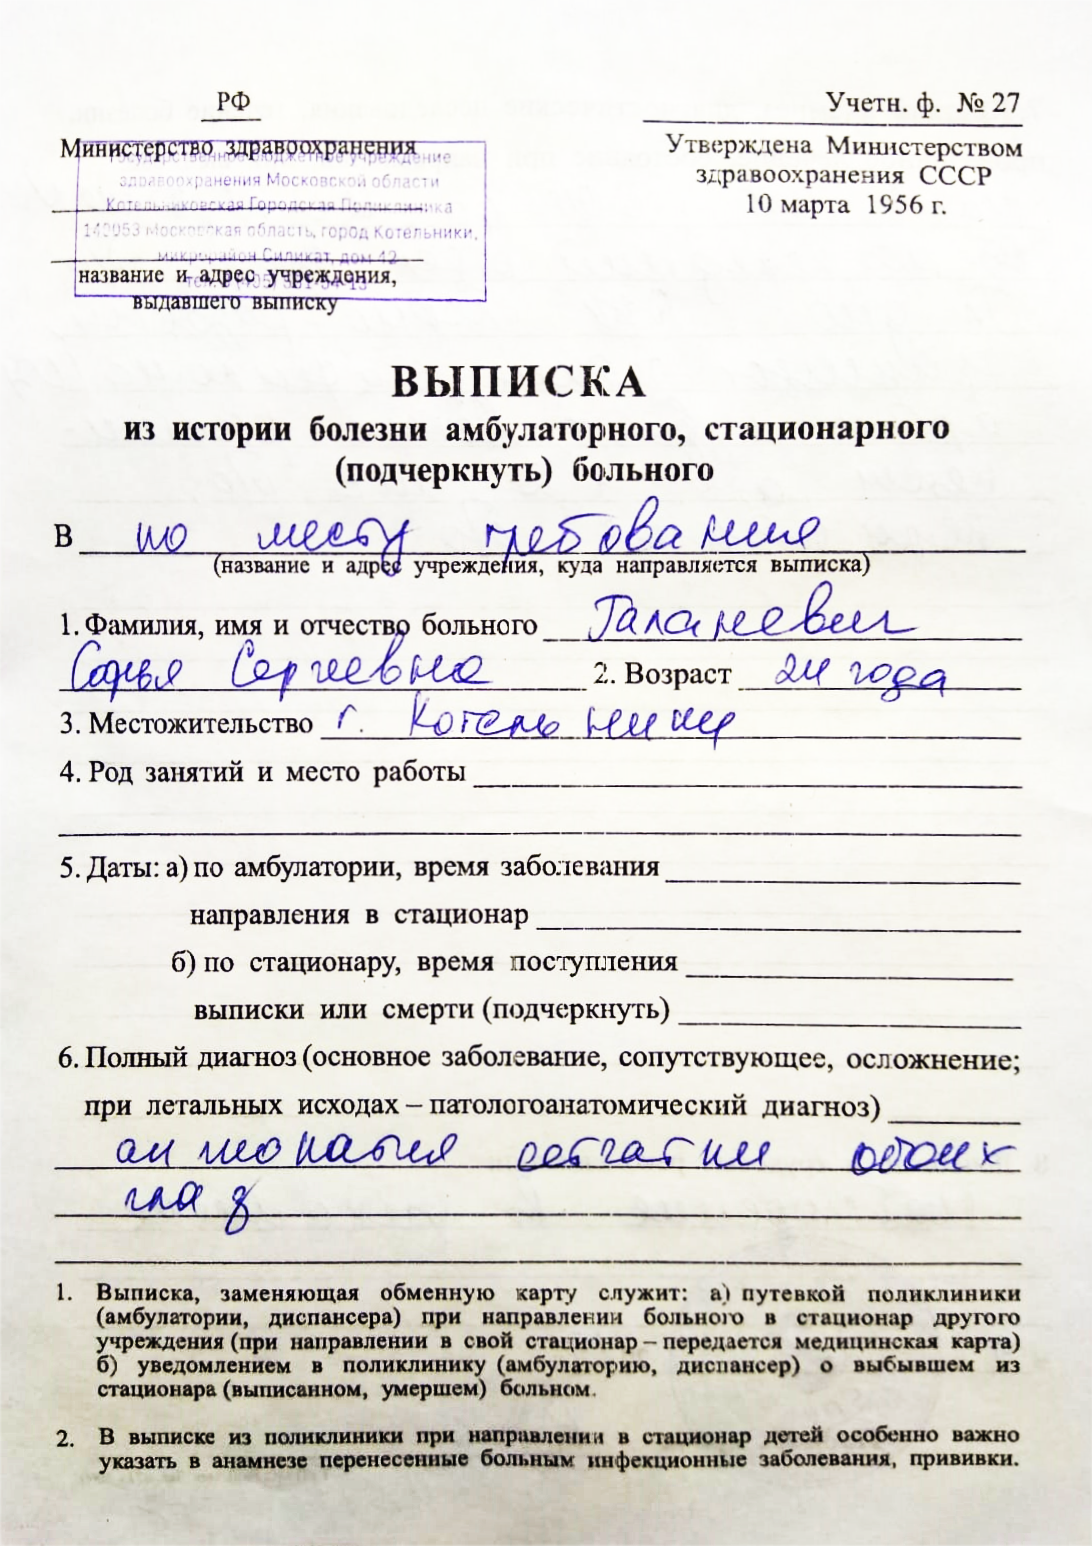 Если верить врачу из поликлиники, специальной справки об отсутствии дальтонизма в России нет. Поэтому пришлось отделаться общей выпиской. Фото: Софья Галаневич